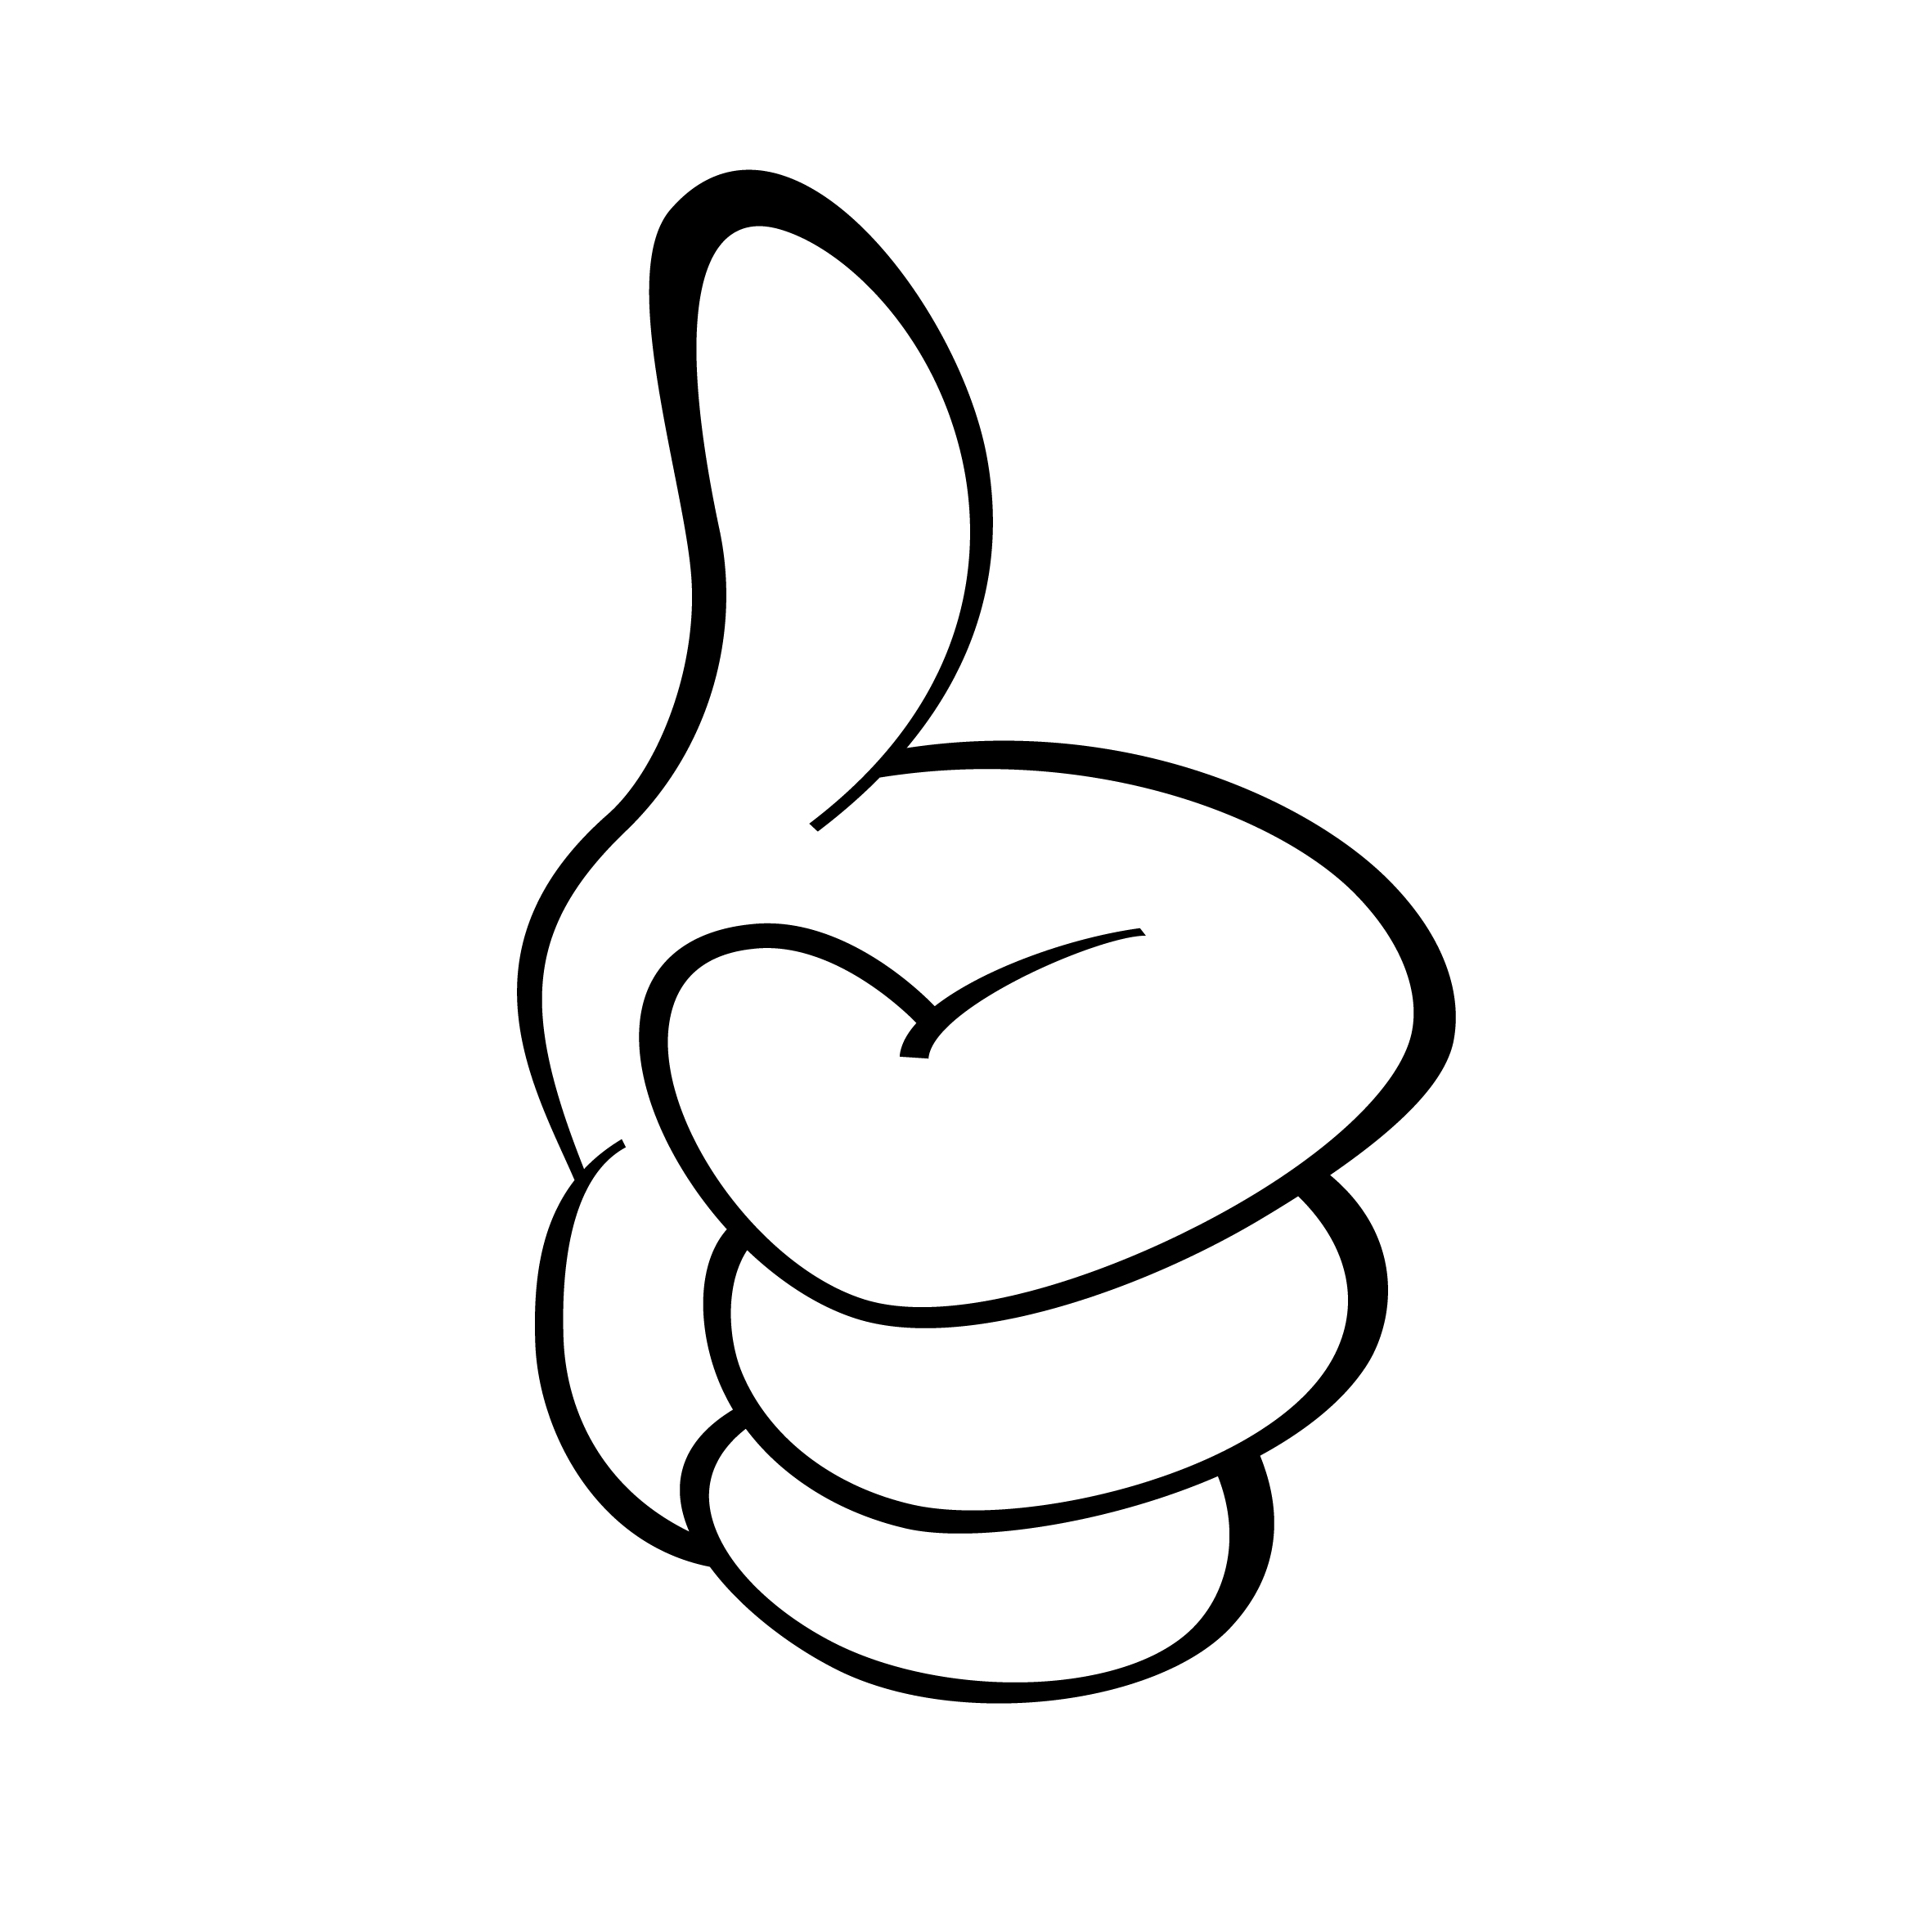 2362x2362 Thumbs Up Thumb Clip Art Clipart 3